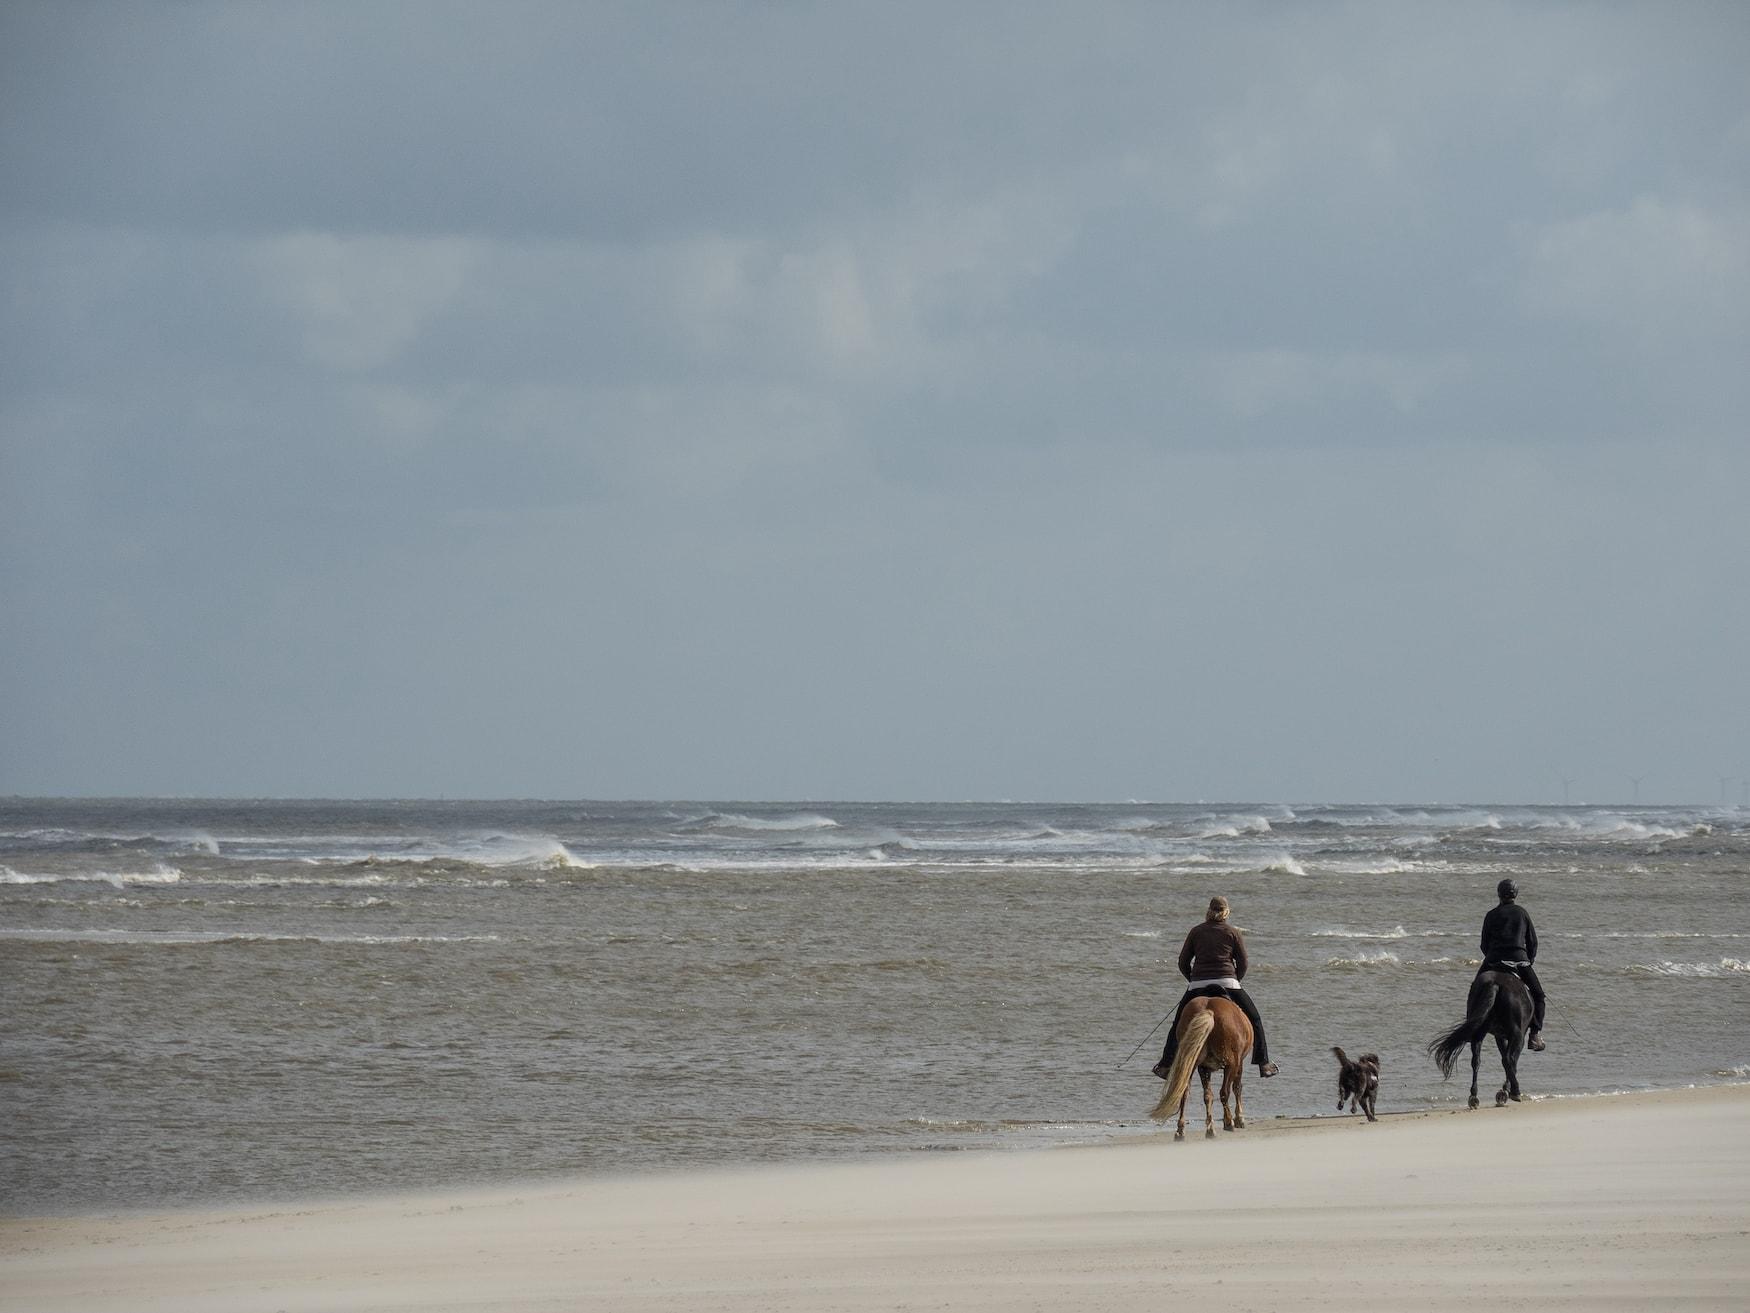 Pferdeausritt am Strand von Spiekeroog